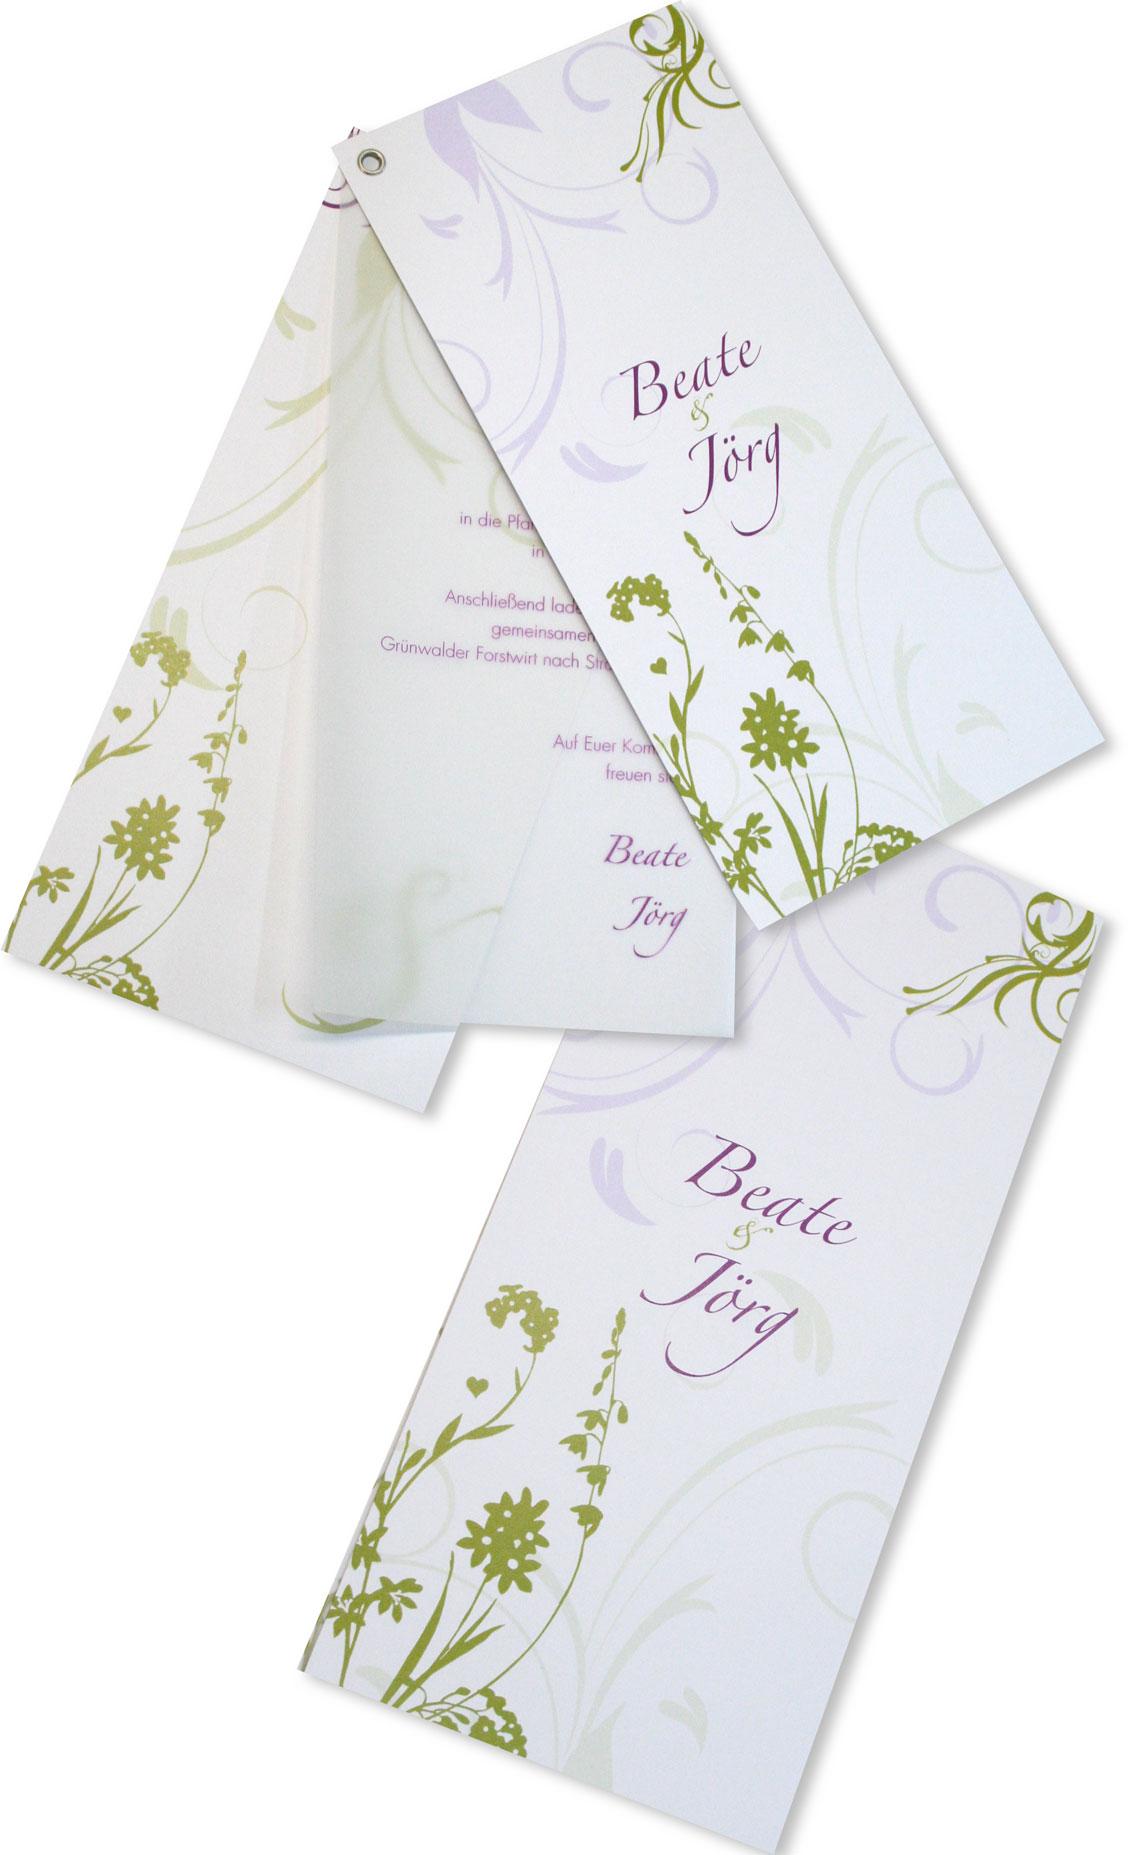 Hochzeitseinladung ösenkarte blühende ornamente